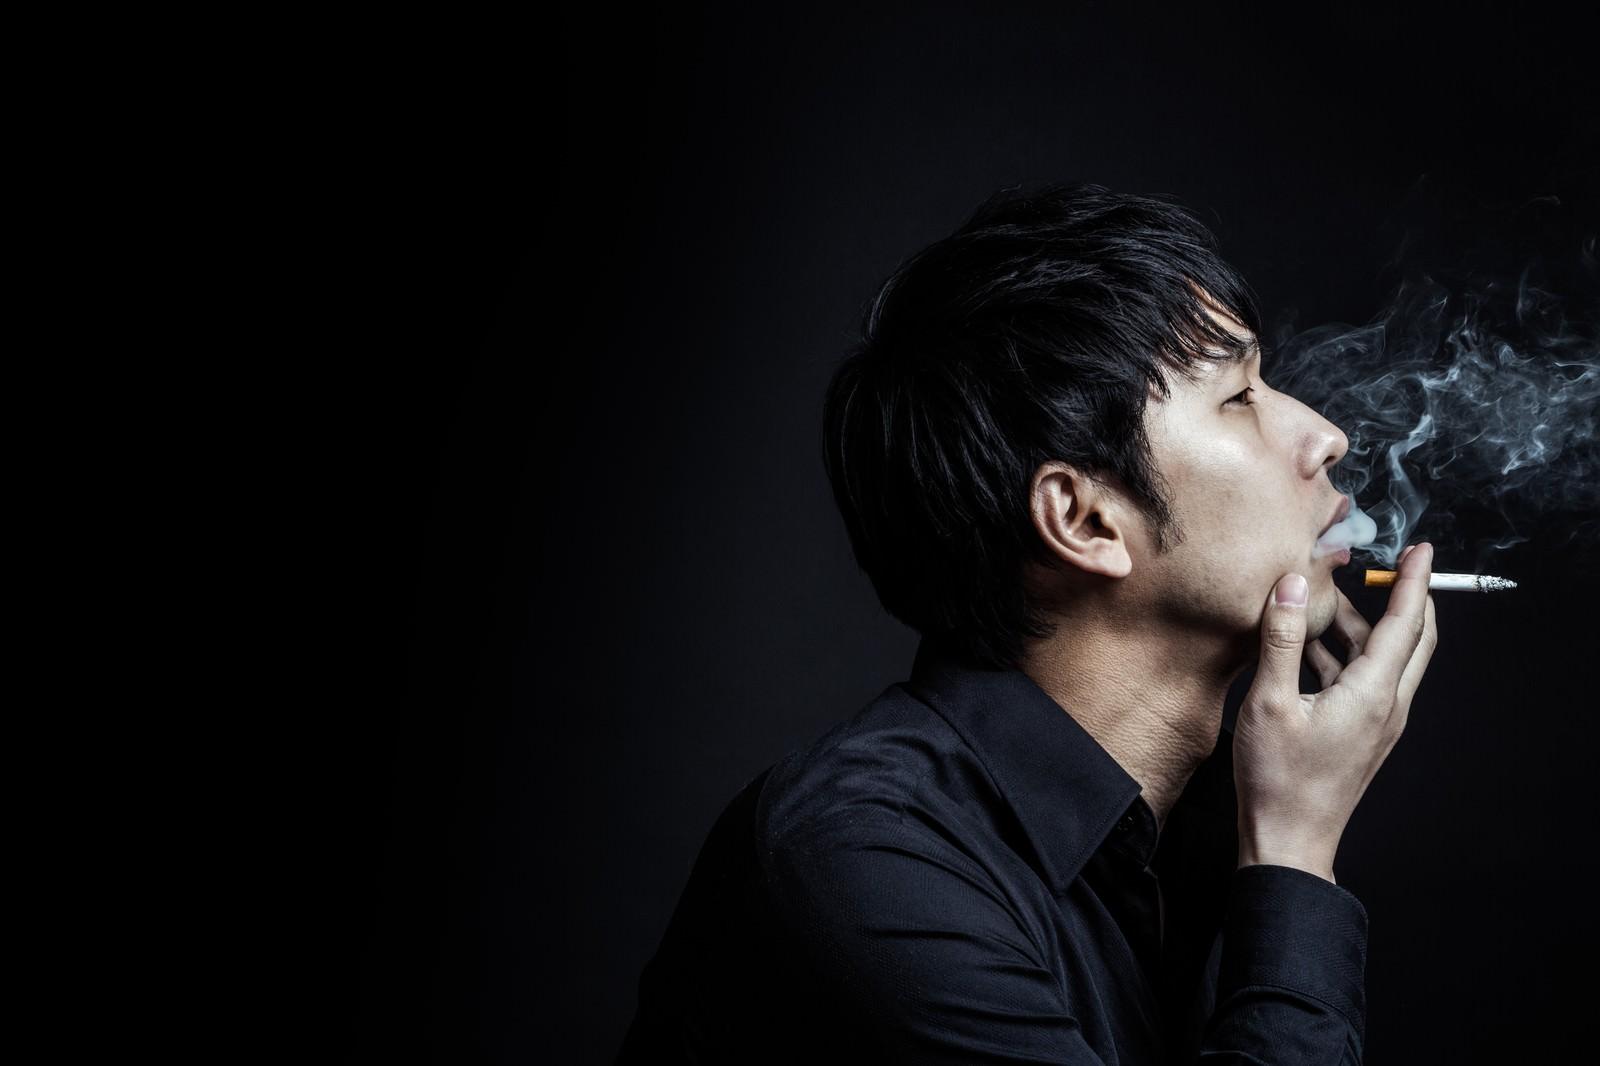 「煙たい男性」の写真[モデル:大川竜弥]